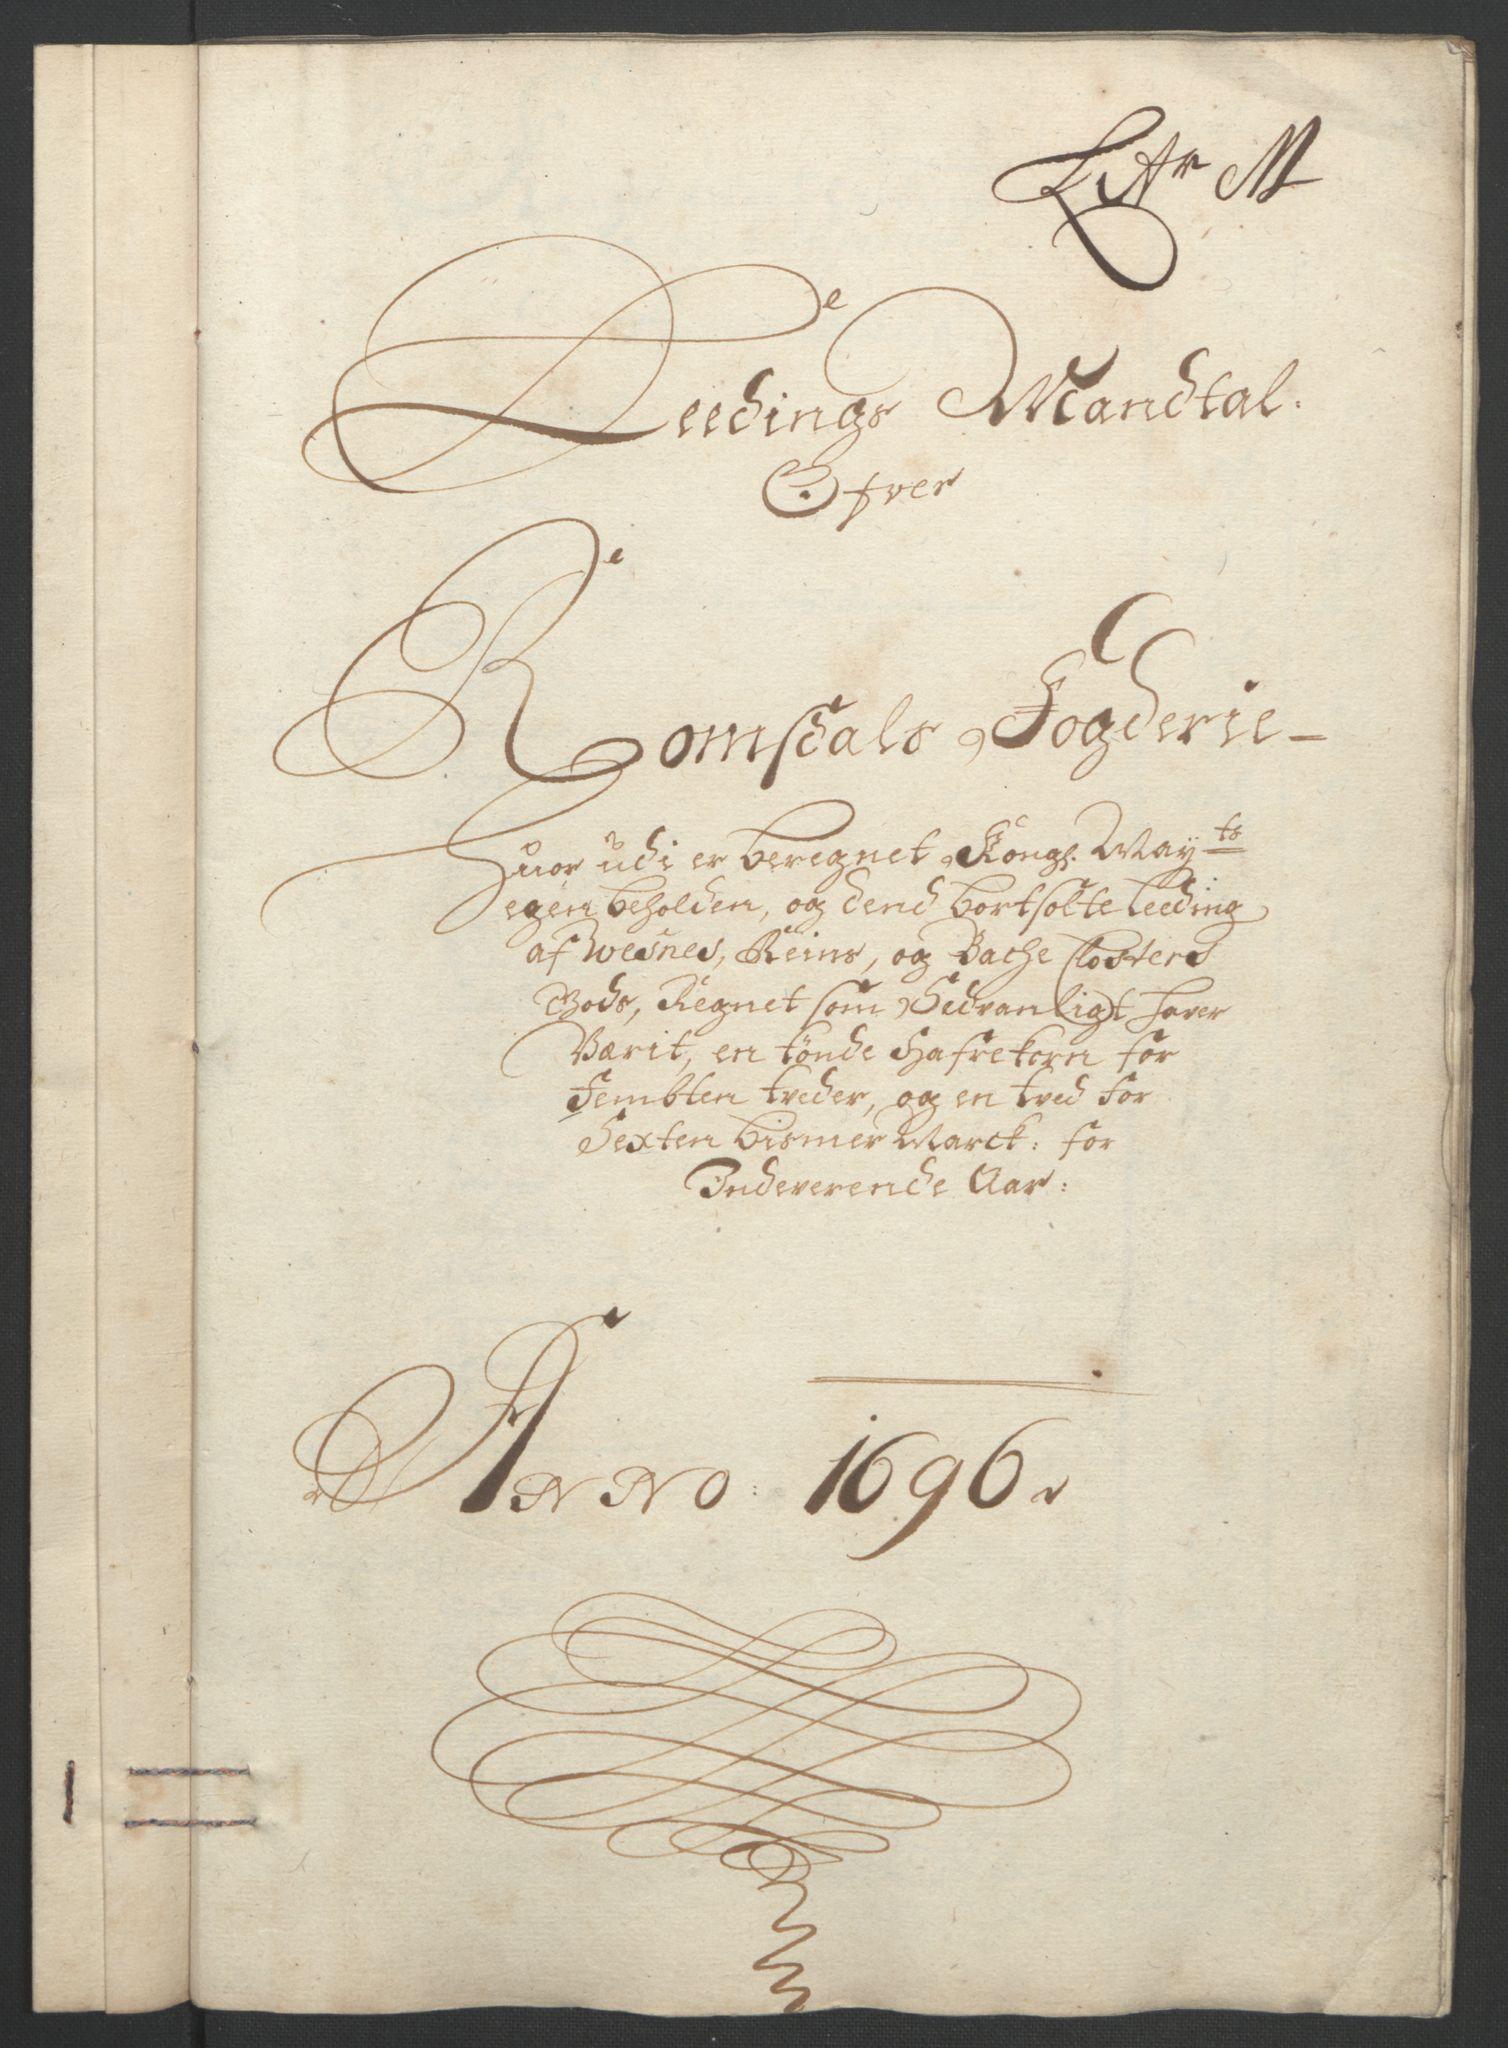 RA, Rentekammeret inntil 1814, Reviderte regnskaper, Fogderegnskap, R55/L3652: Fogderegnskap Romsdal, 1695-1696, s. 259